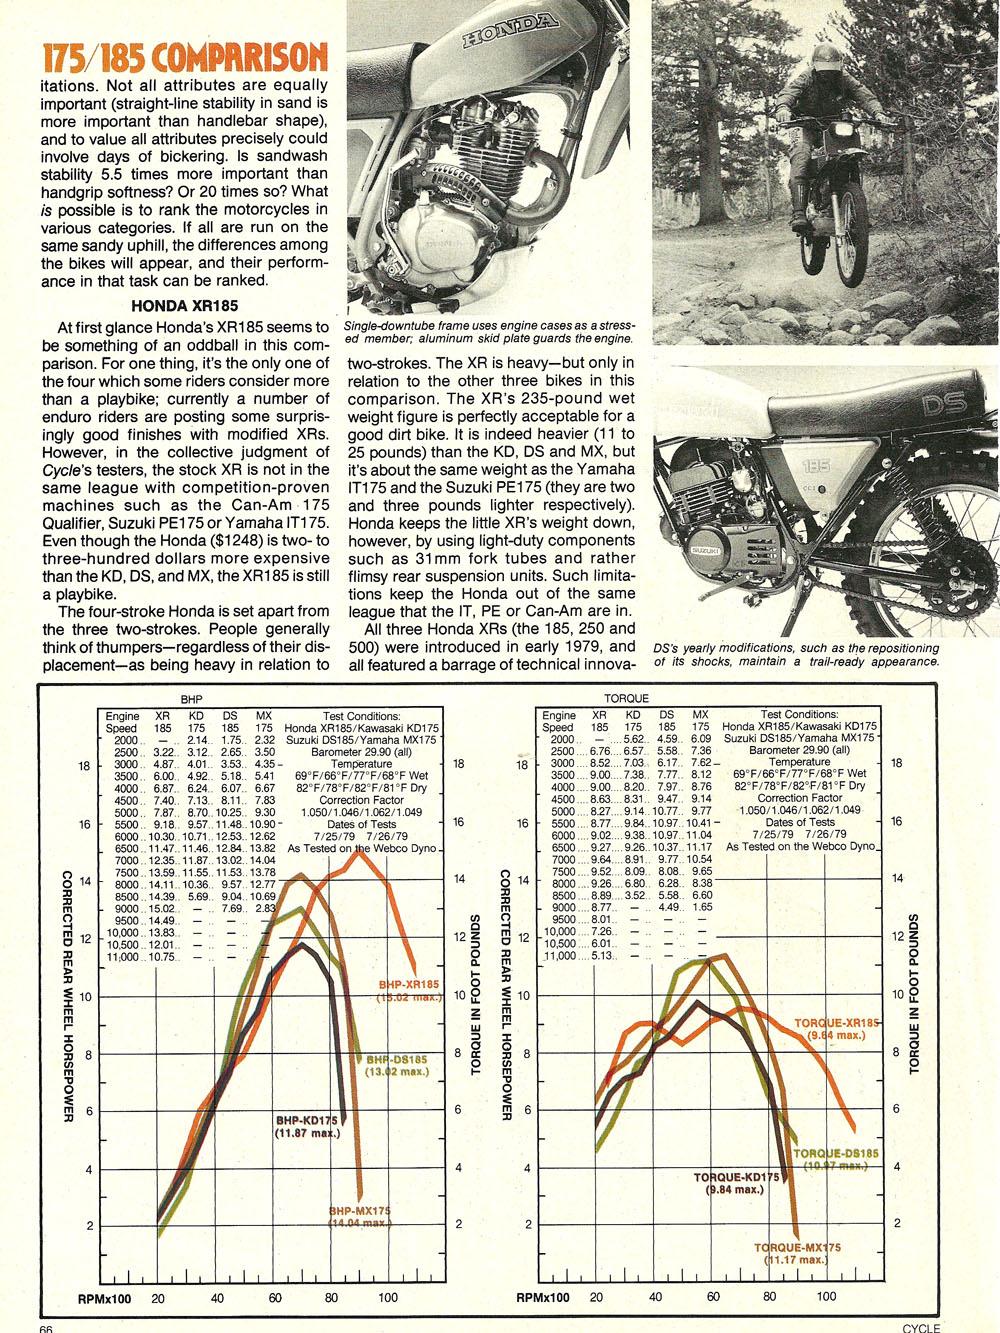 1979 Comparison XR185 KD175 DS185 MX175 test 03.jpg